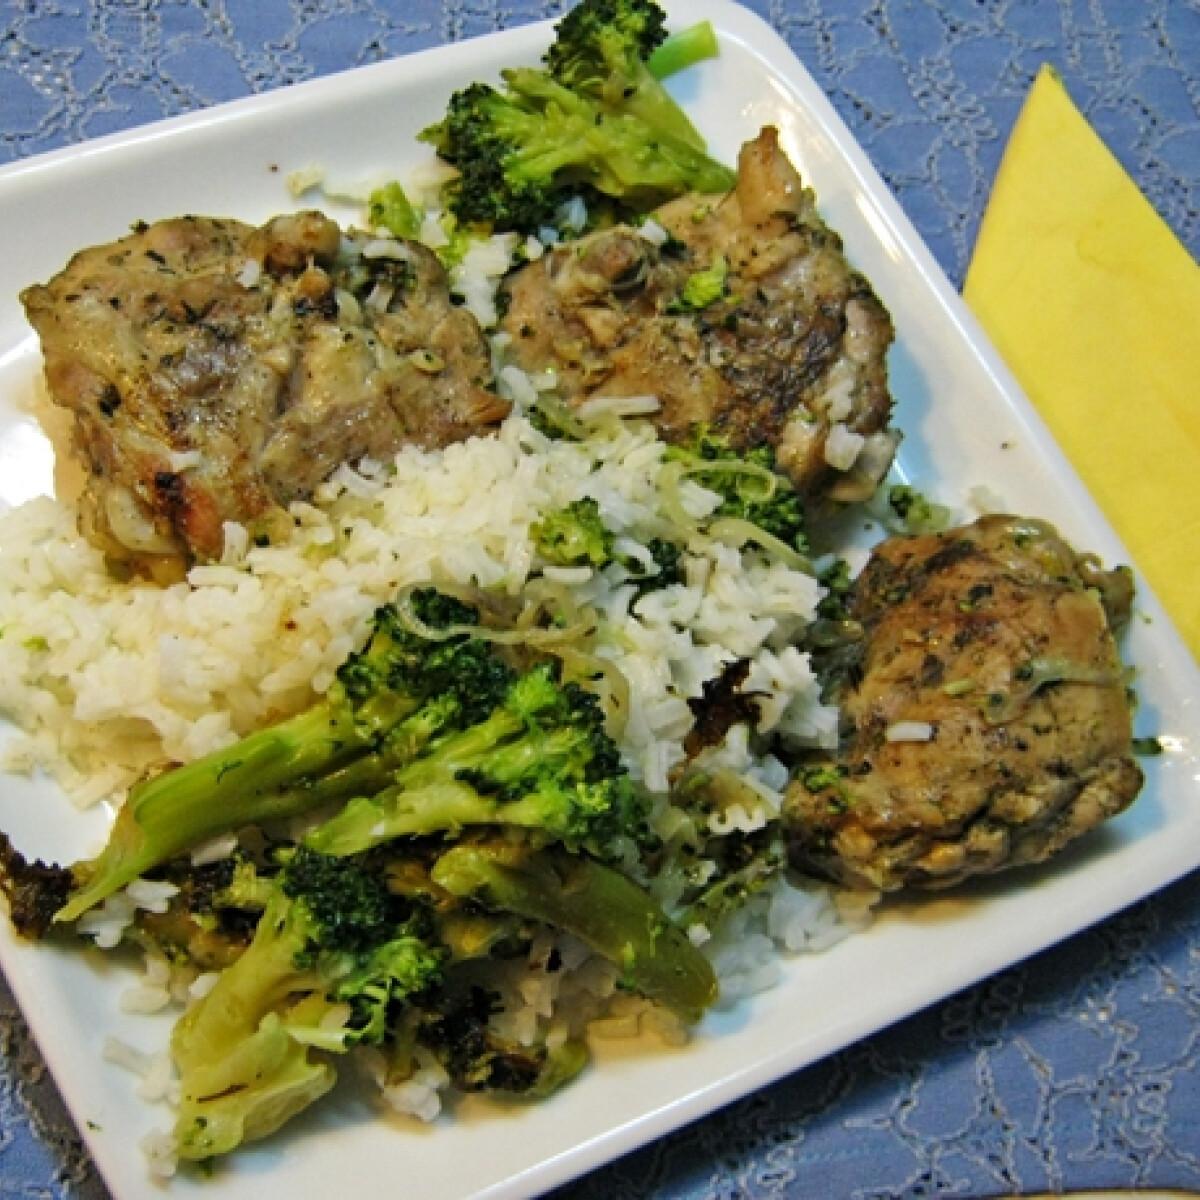 Ezen a képen: Brokkolis csirke kakukkfűvel